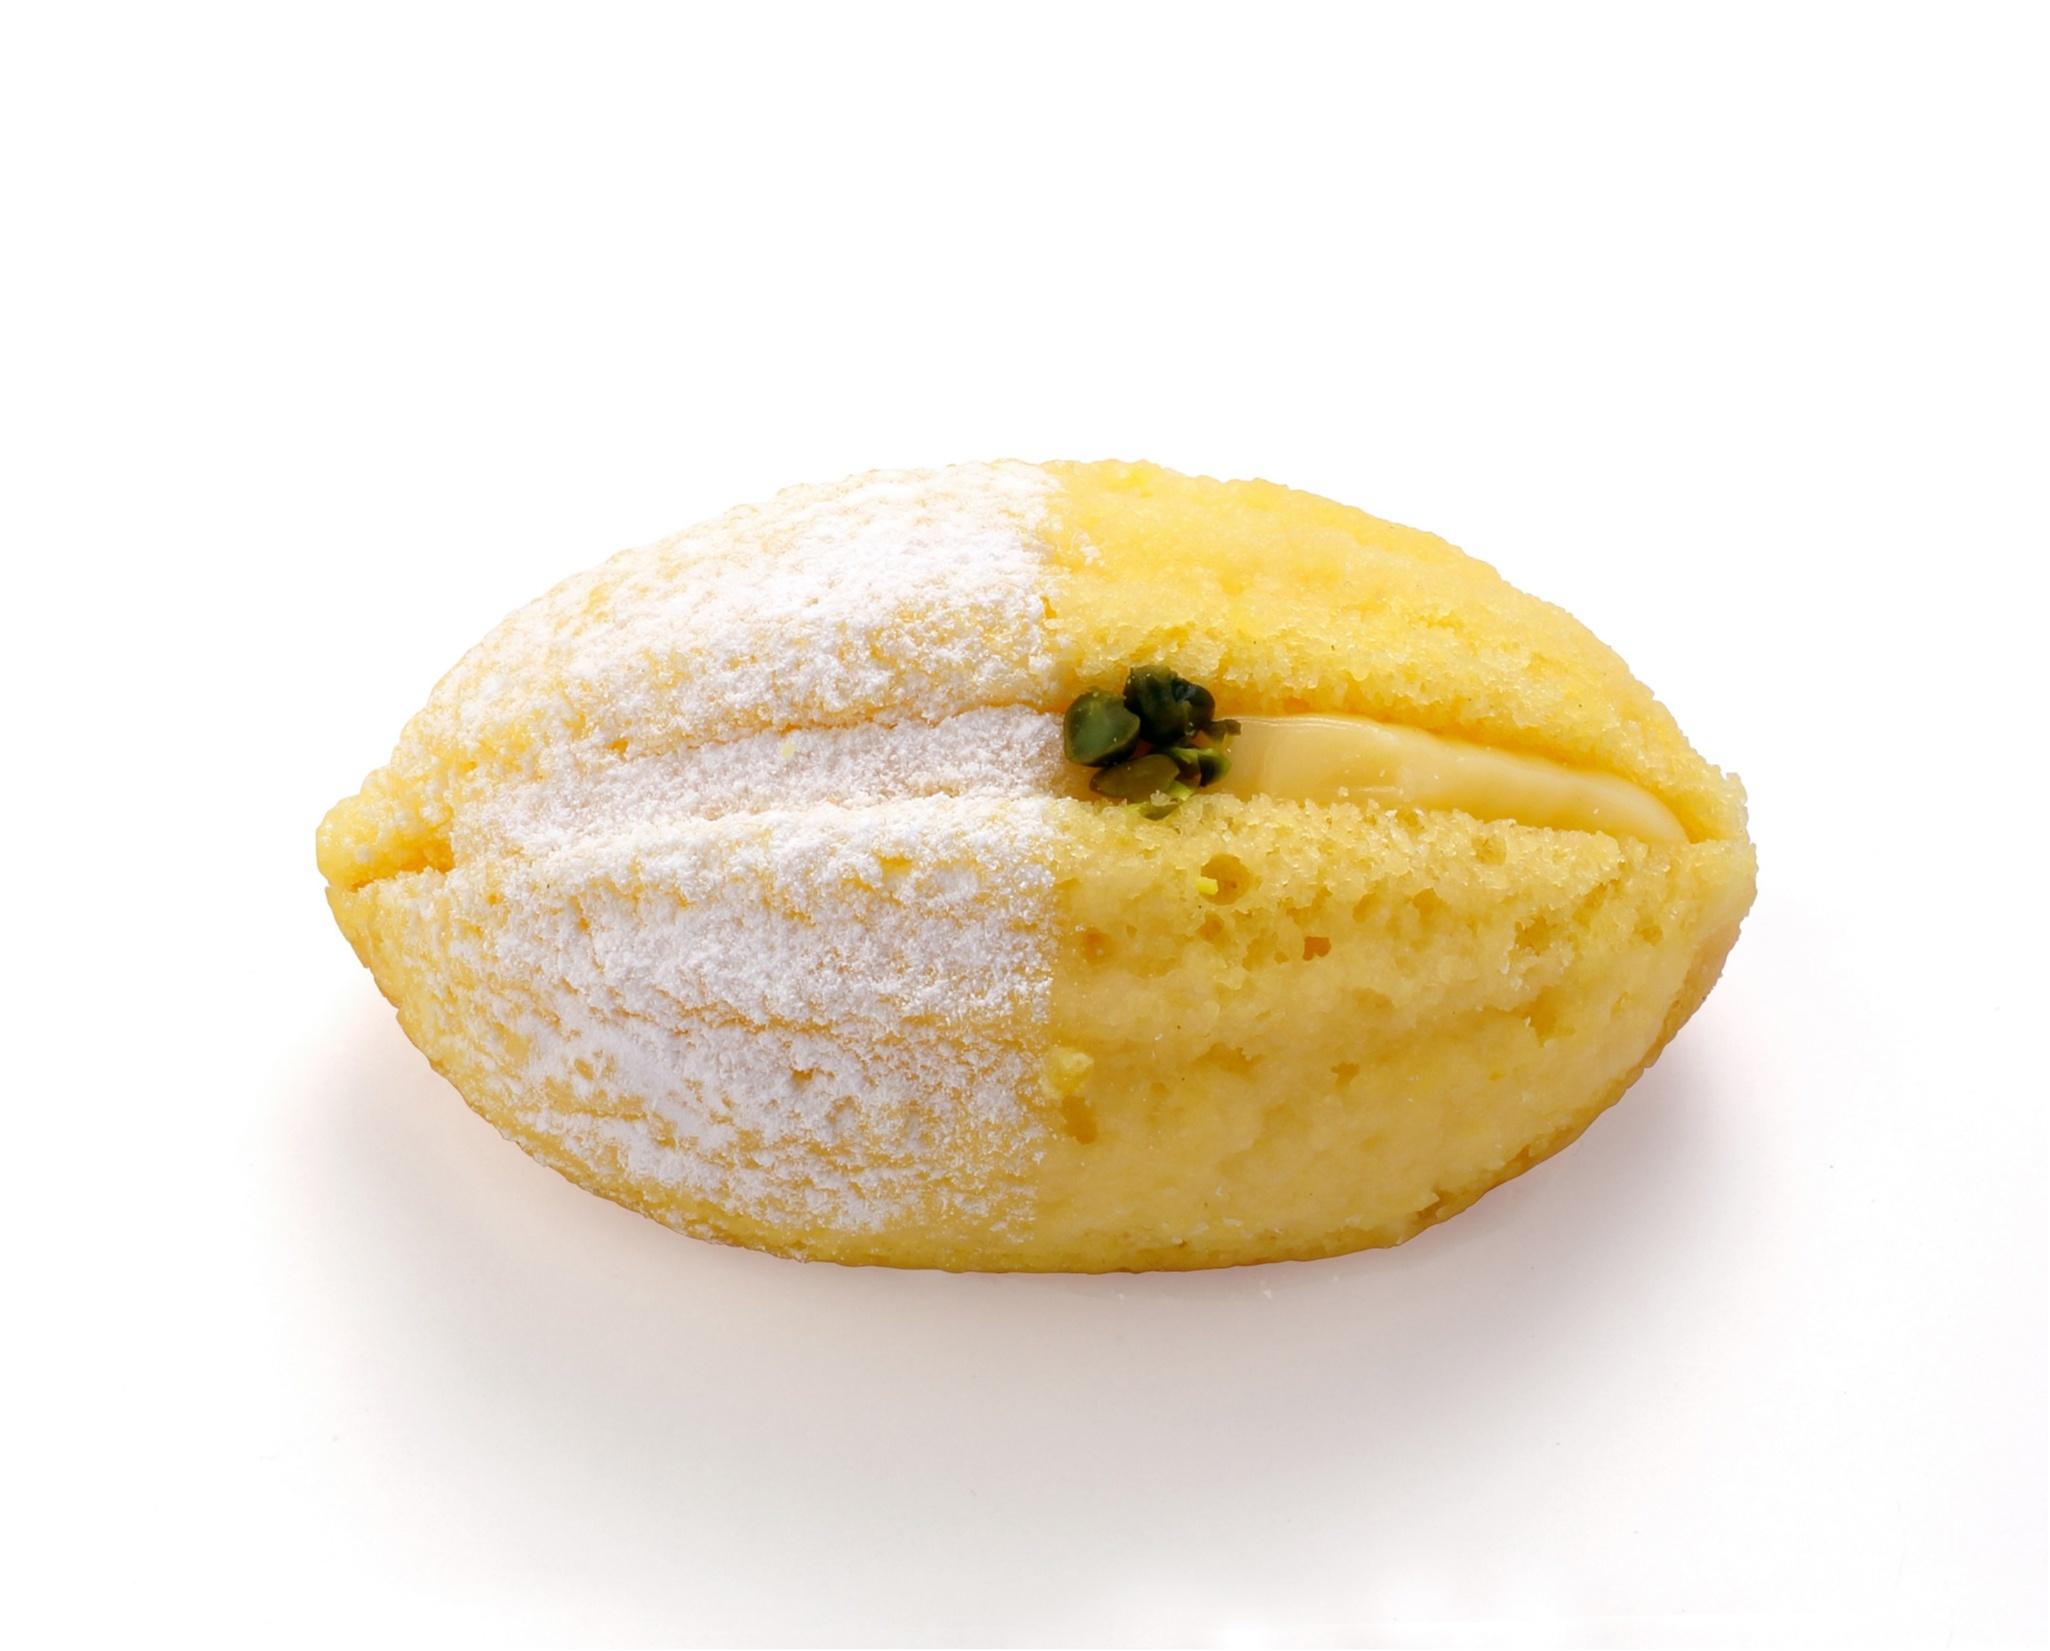 今年の夏はマンゴー&レモン♡ 『フォション』の期間限定エクレールがかわいすぎ!!_1_4